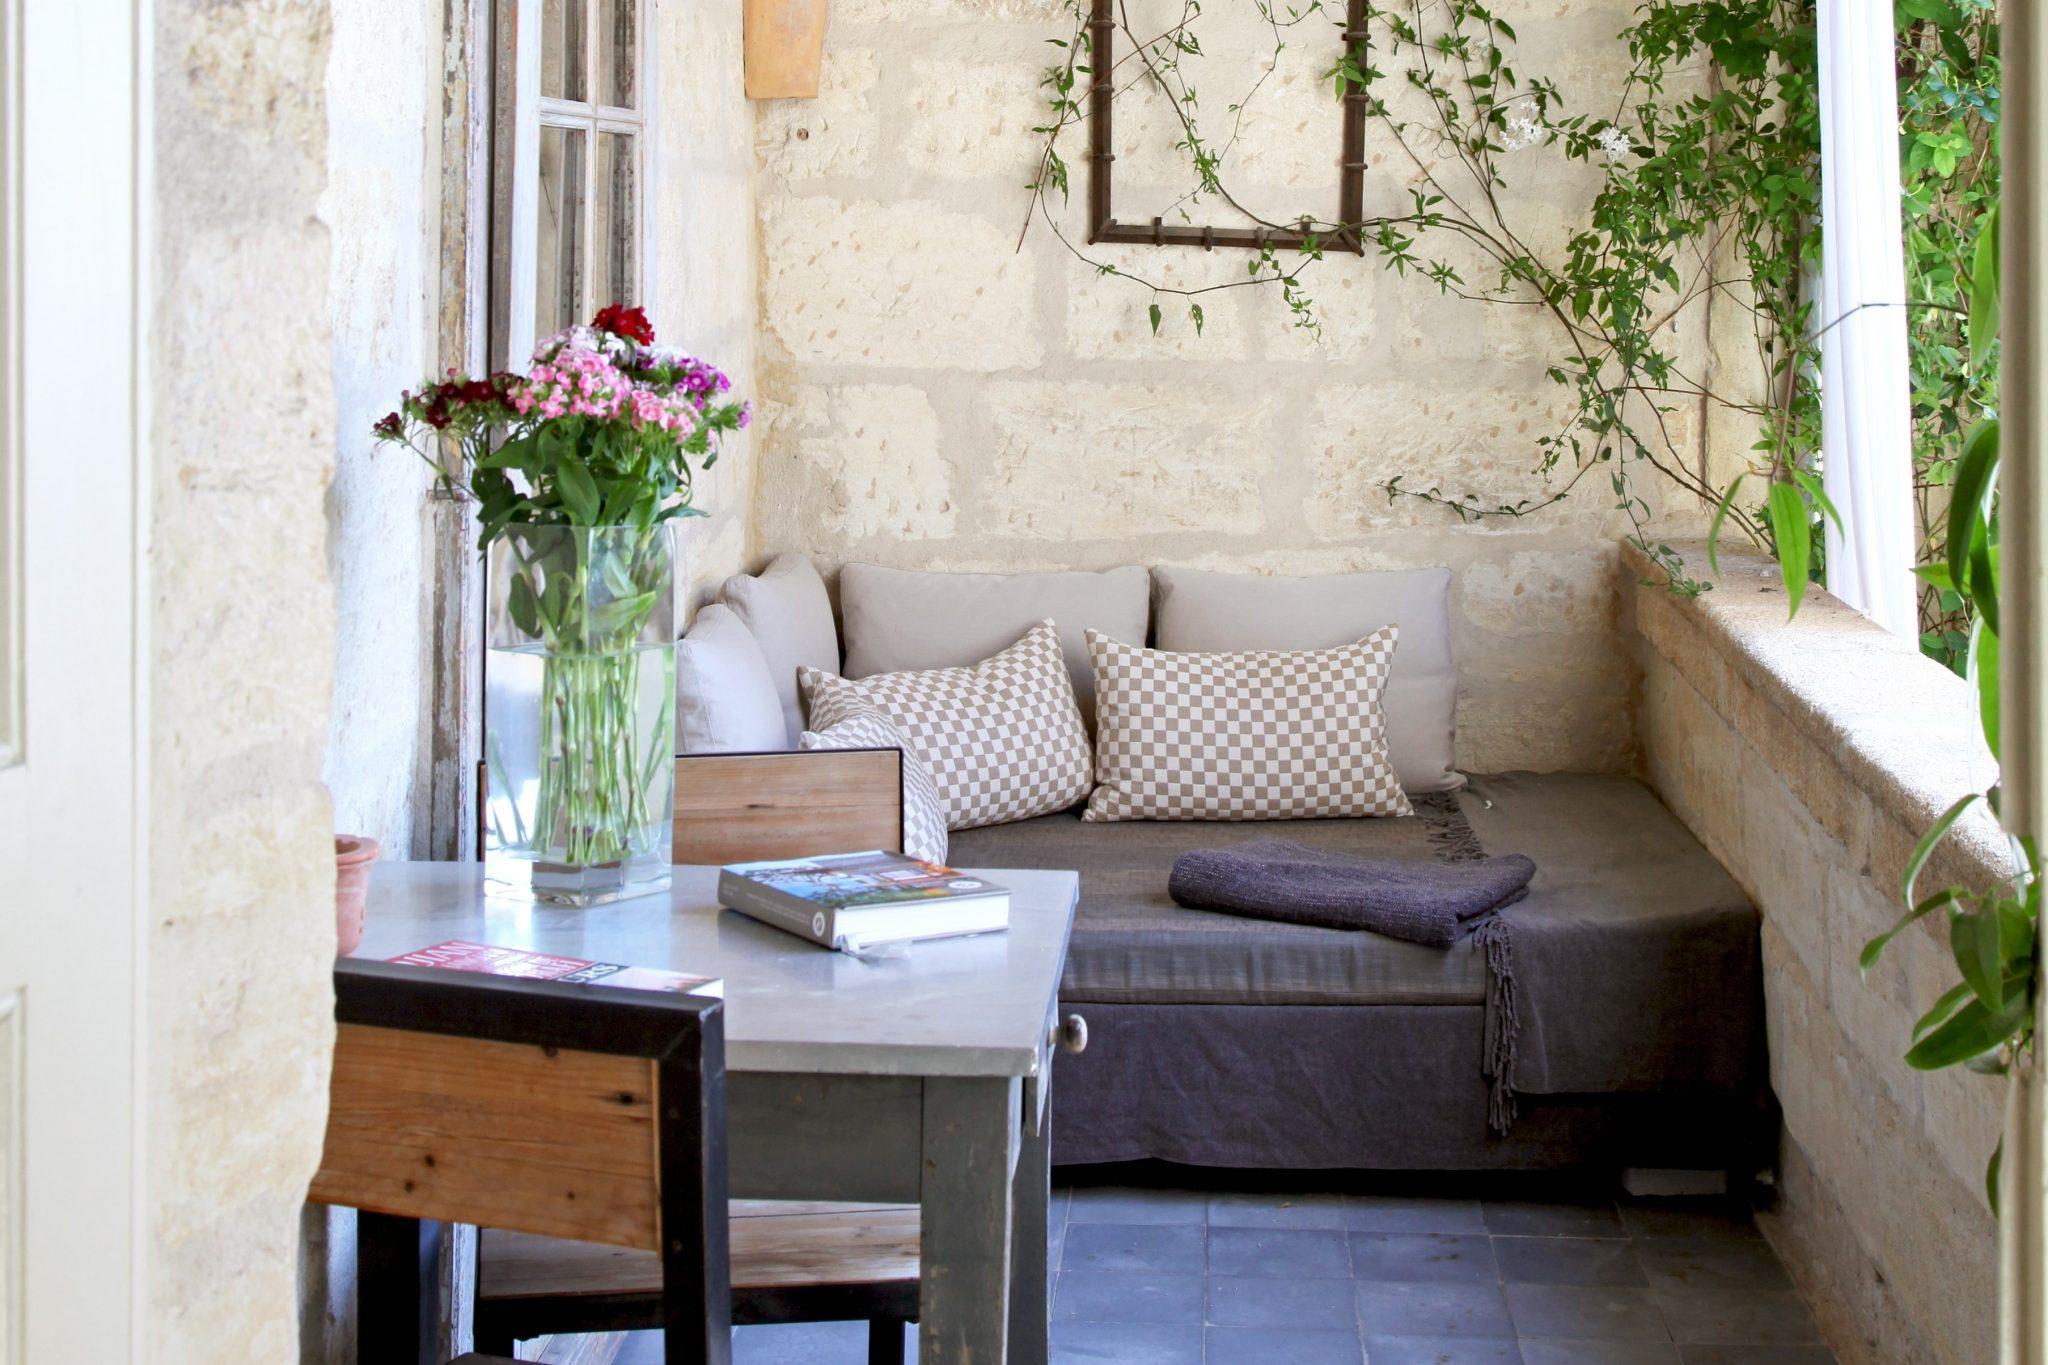 Idee Pour Fermer Un Jardin | Idee Pour Fermer Une Terrasse Couverte ...